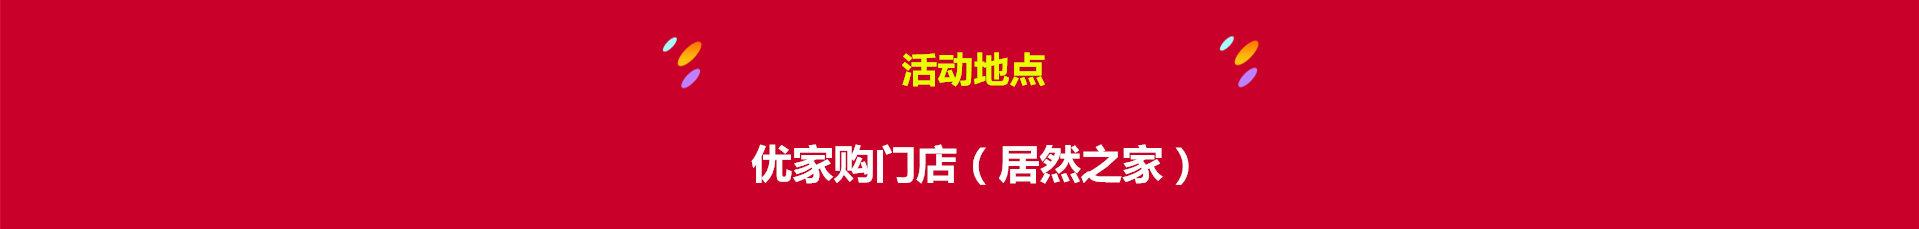 龍劍攜手優家購專場活動政策